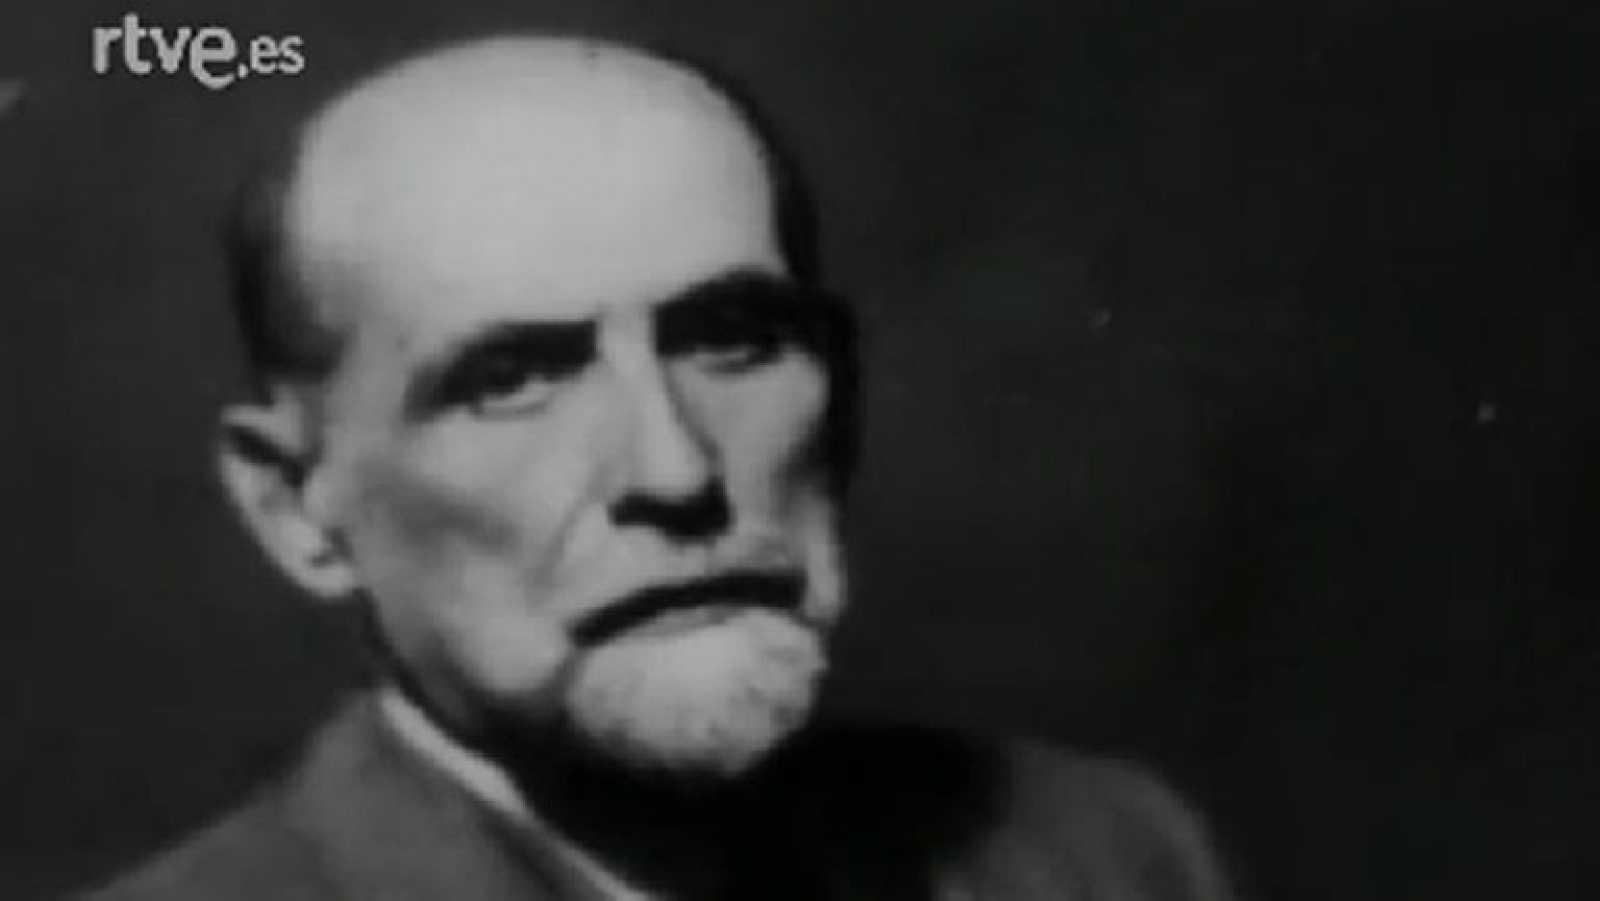 La víspera de nuestro tiempo - La Andalucía de Juan Ramón